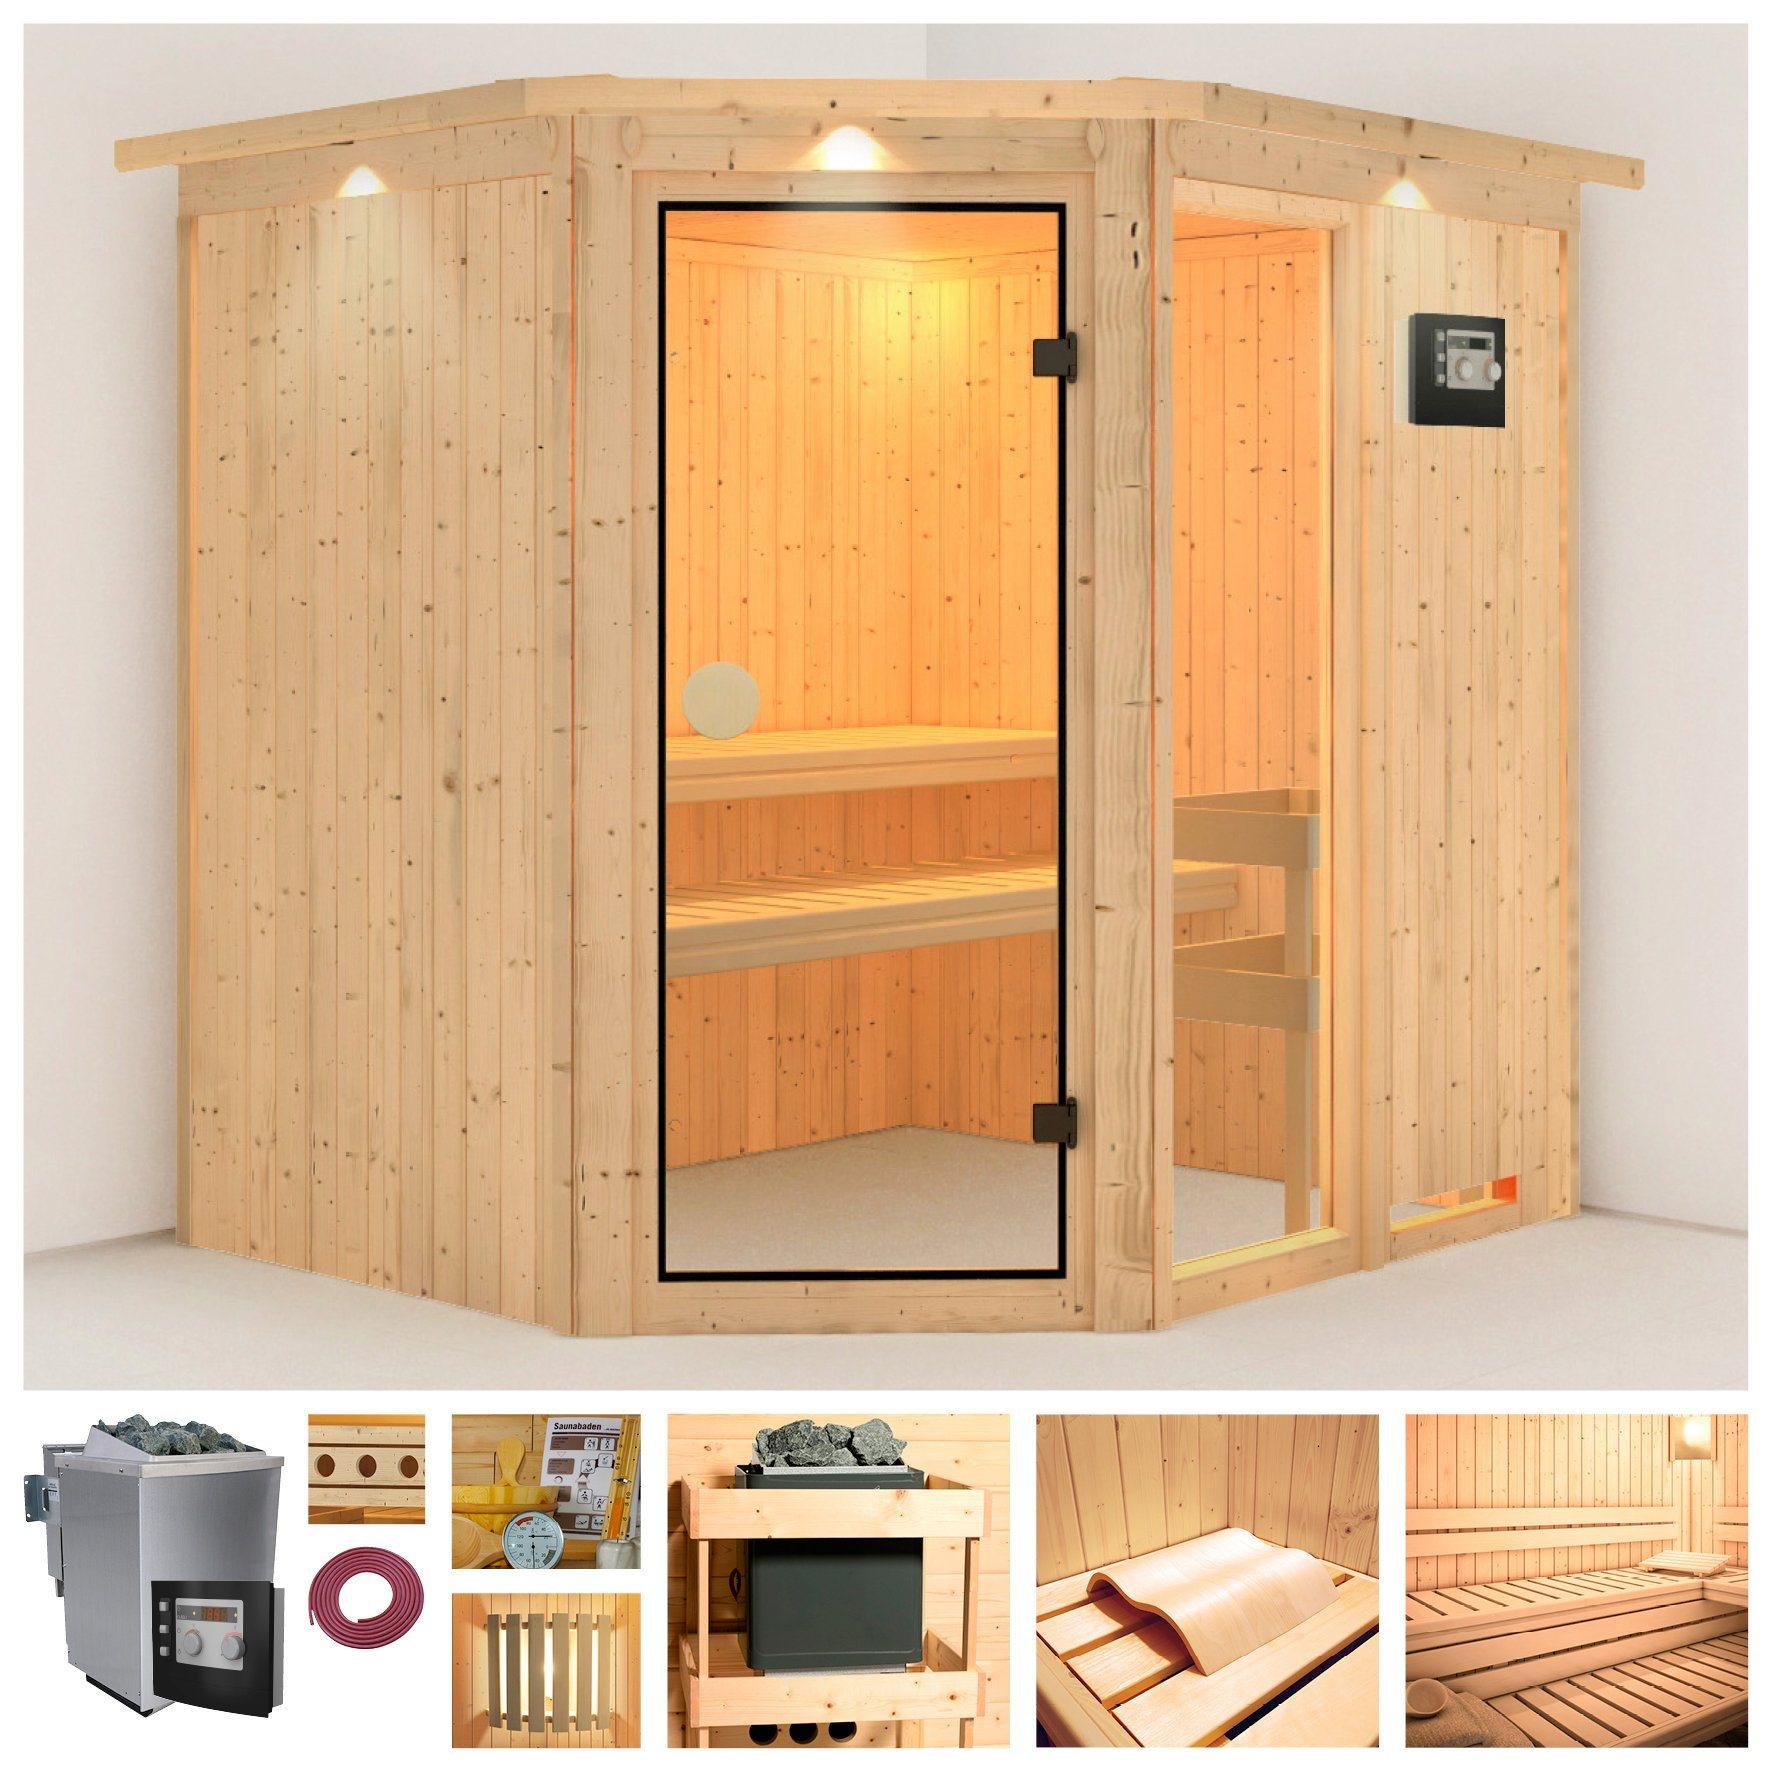 Sauna »Sofia 2«, 196/170/198 cm, 9-kW-Bio-Kombiofen + Dachkranz